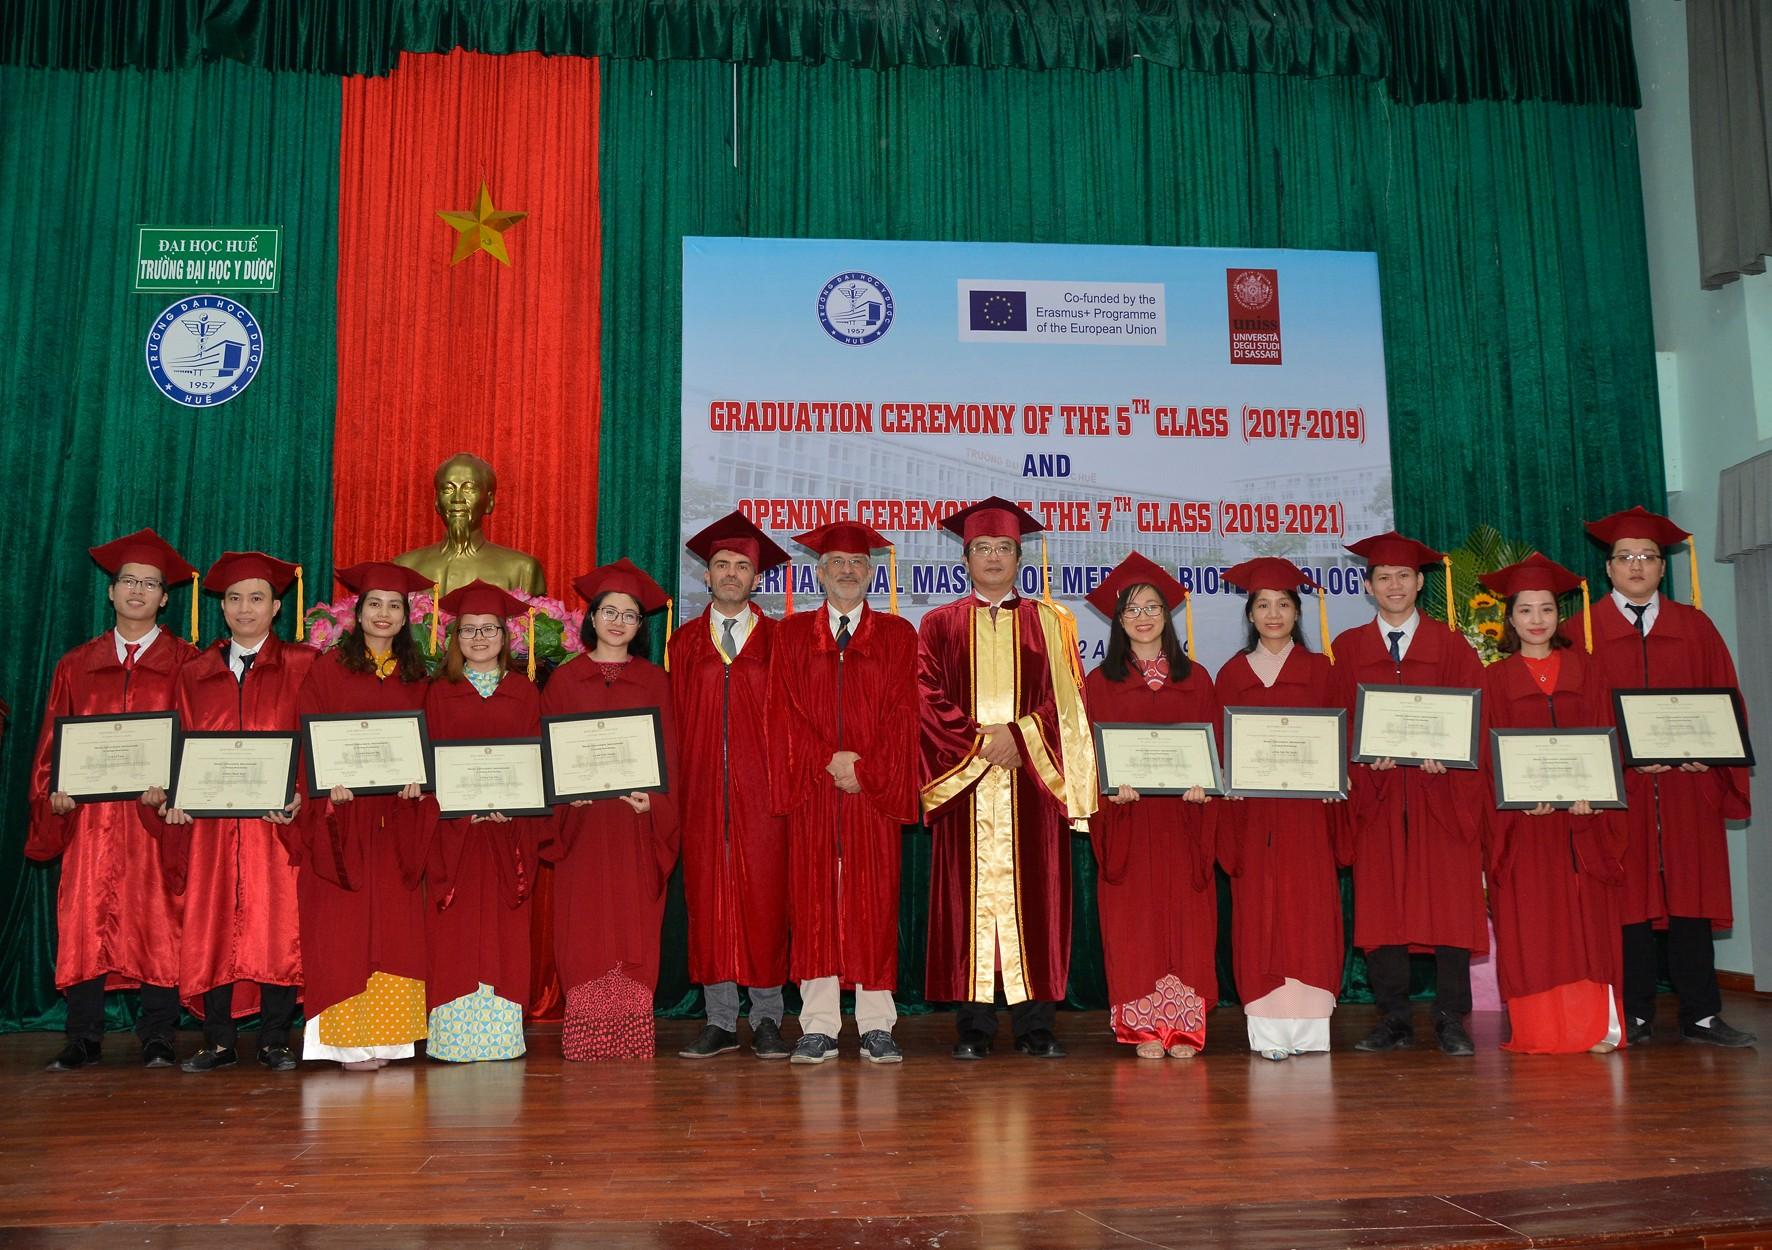 Lễ tốt nghiệp và trao bằng khoá 5 và khai giảng khoá 7 Thạc sĩ Công nghệ Y sinh học liên kết với Đại học Sassari - Ý